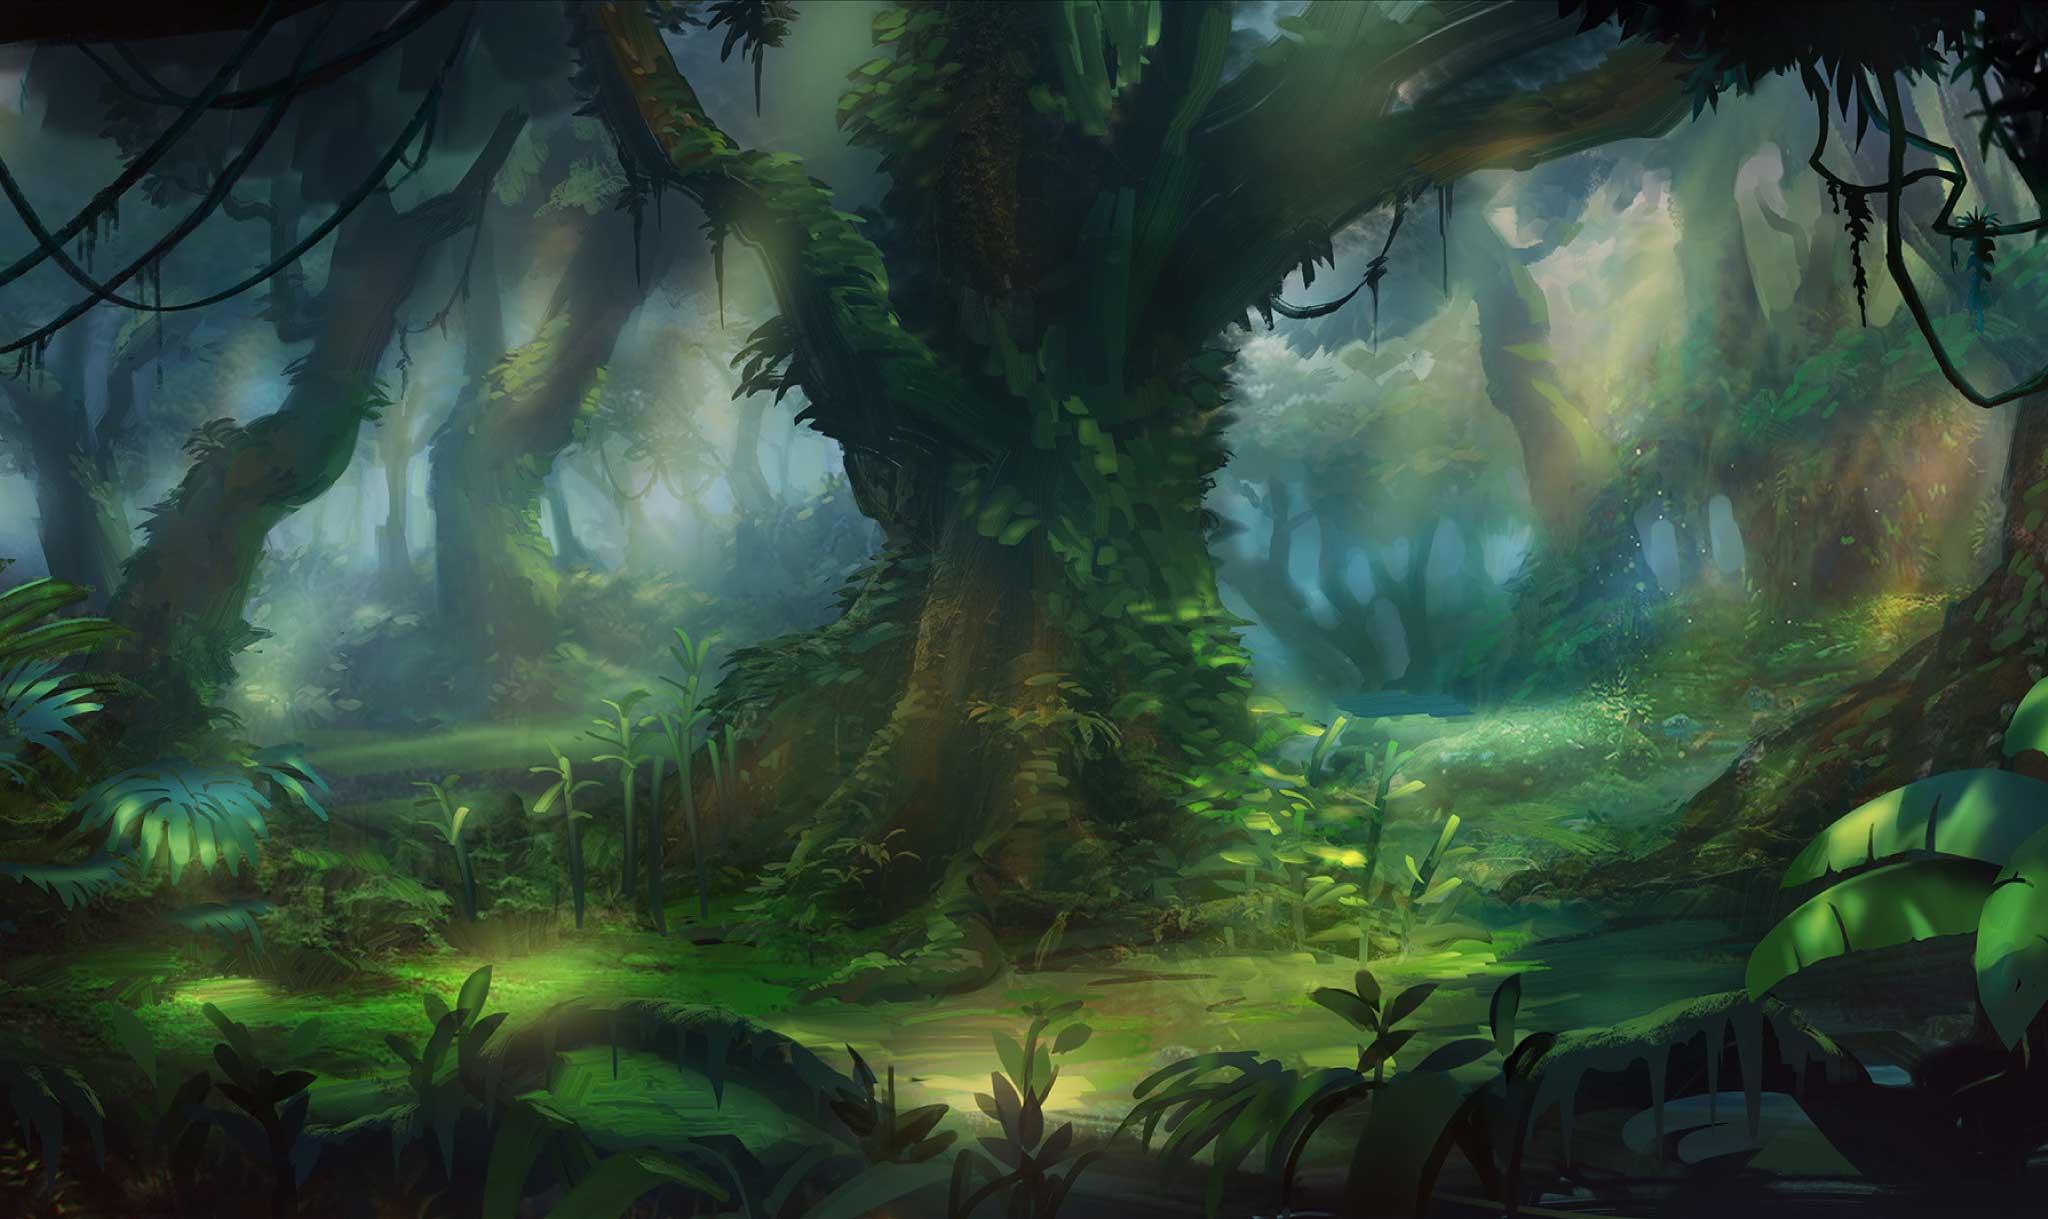 Tarzan-5.jpg